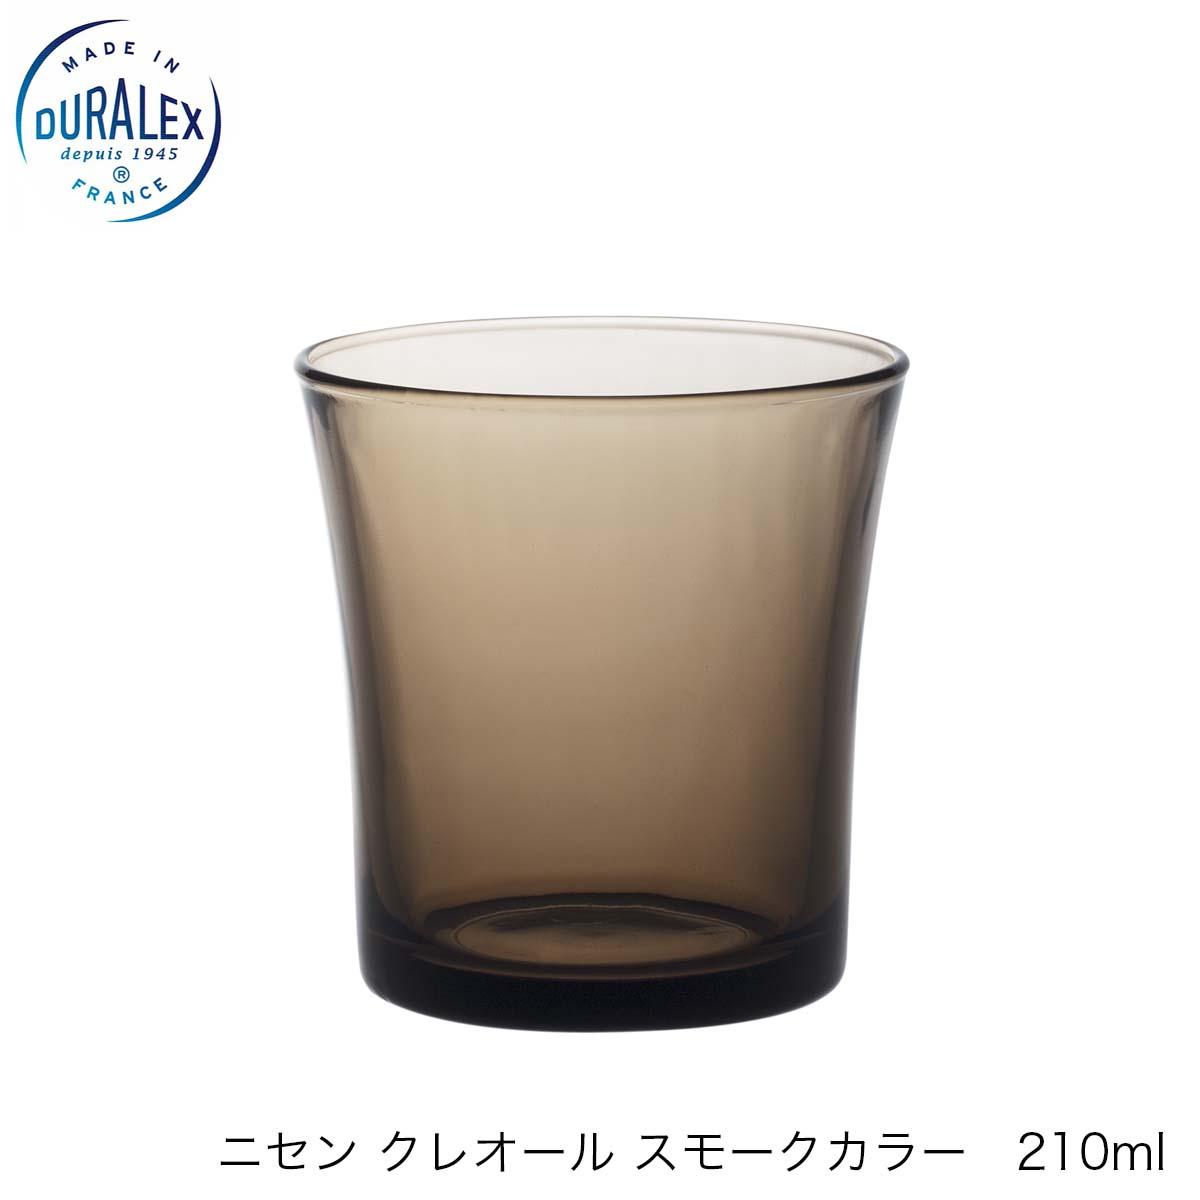 全面物理強化ガラス DURALEX デュラレックスDX2000 ニセン 210mlフランス製 タンブラー (人気激安) ディスカウント クレオールスモークカラー